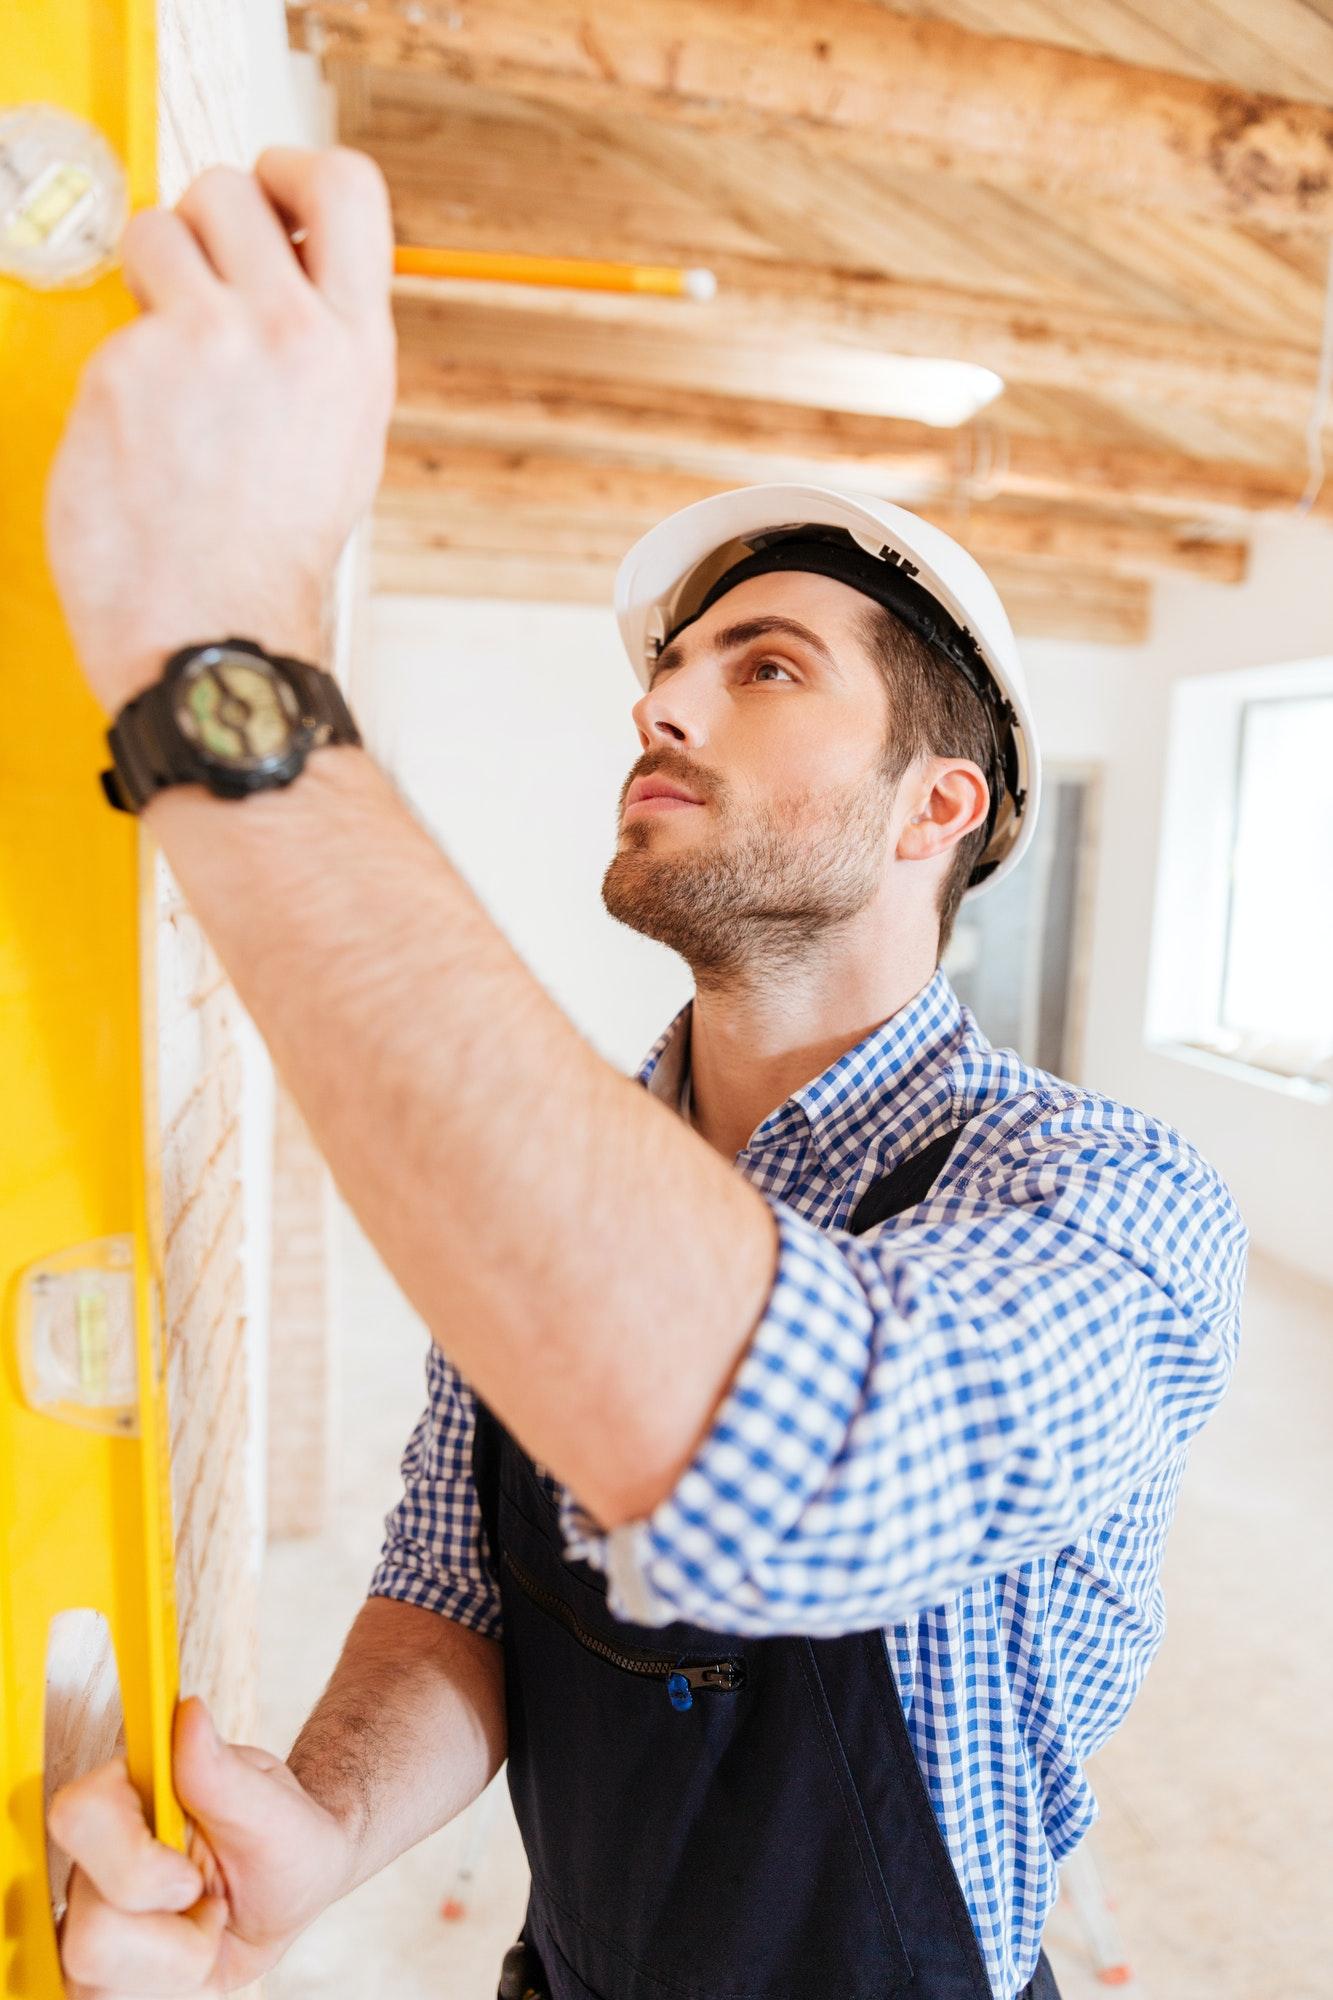 Close-up portrait of a construction builder